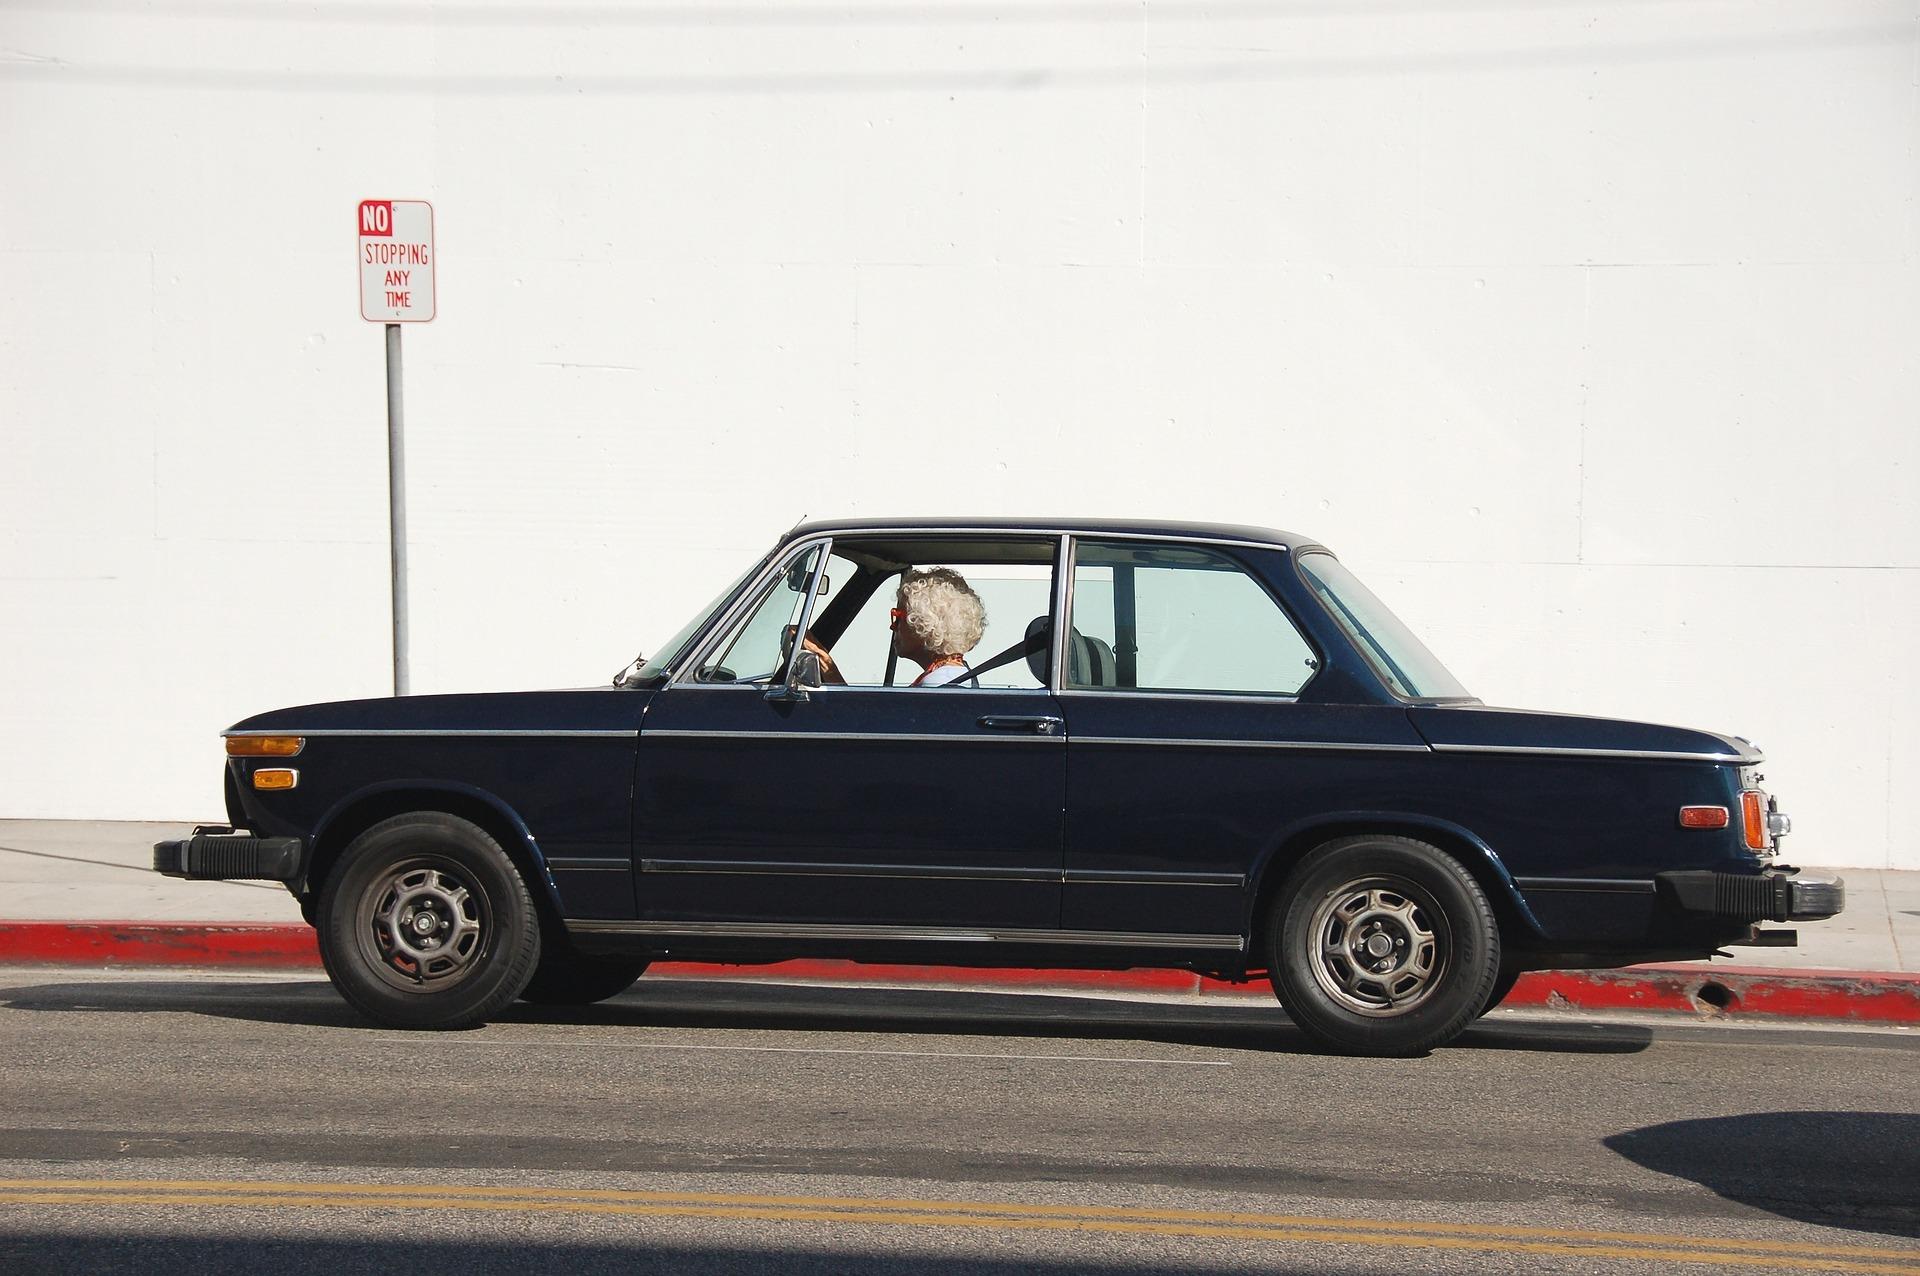 Cumperi o masina de la o babuta din Germania, dar te trezesti cu o lada de chit